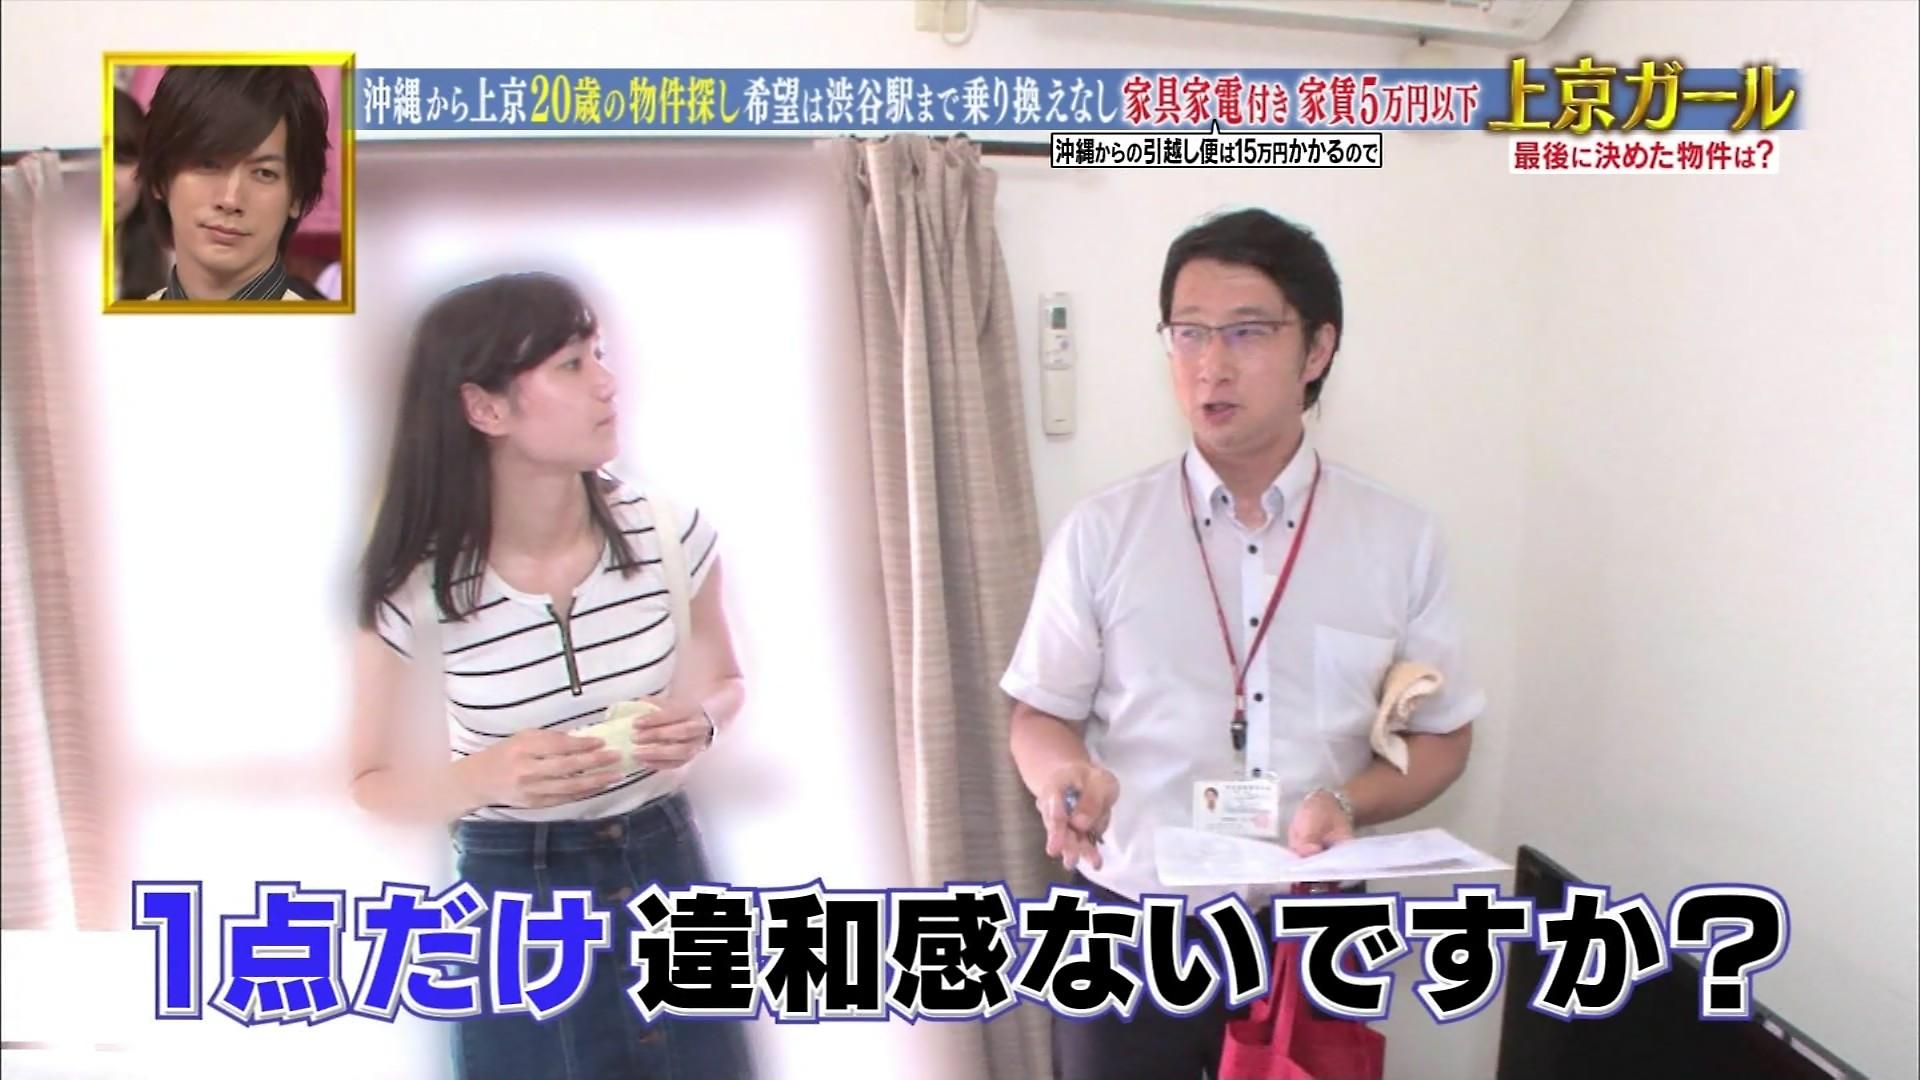 沖縄美女_パンチラ_放送事故_テレビキャプ画像_27